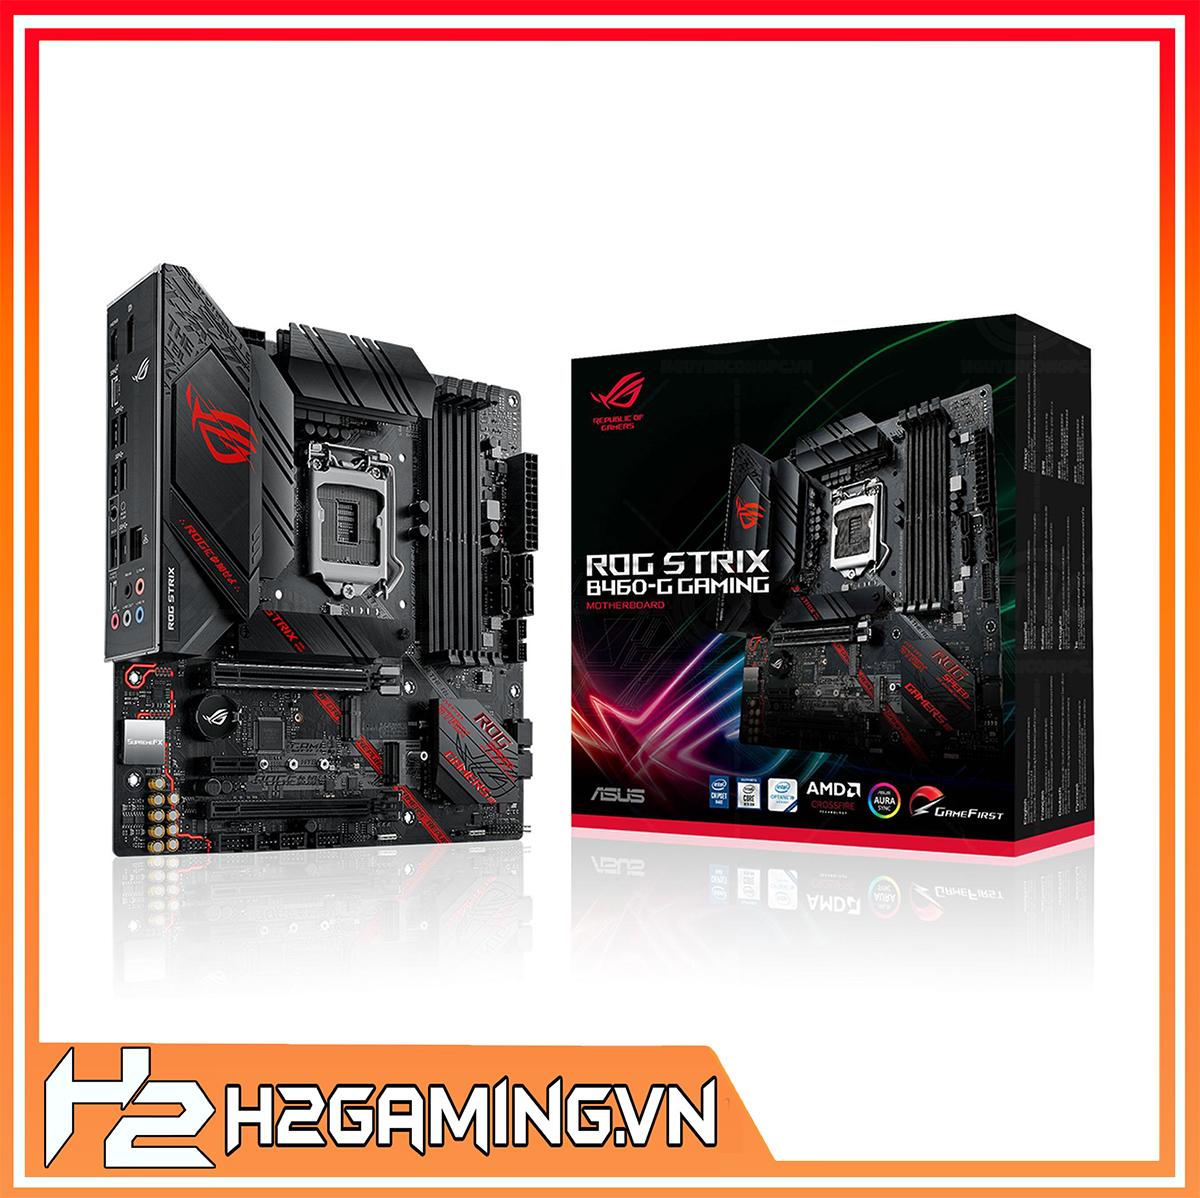 Mainboard_ASUS_ROG_STRIX_B460-G_GAMING_2